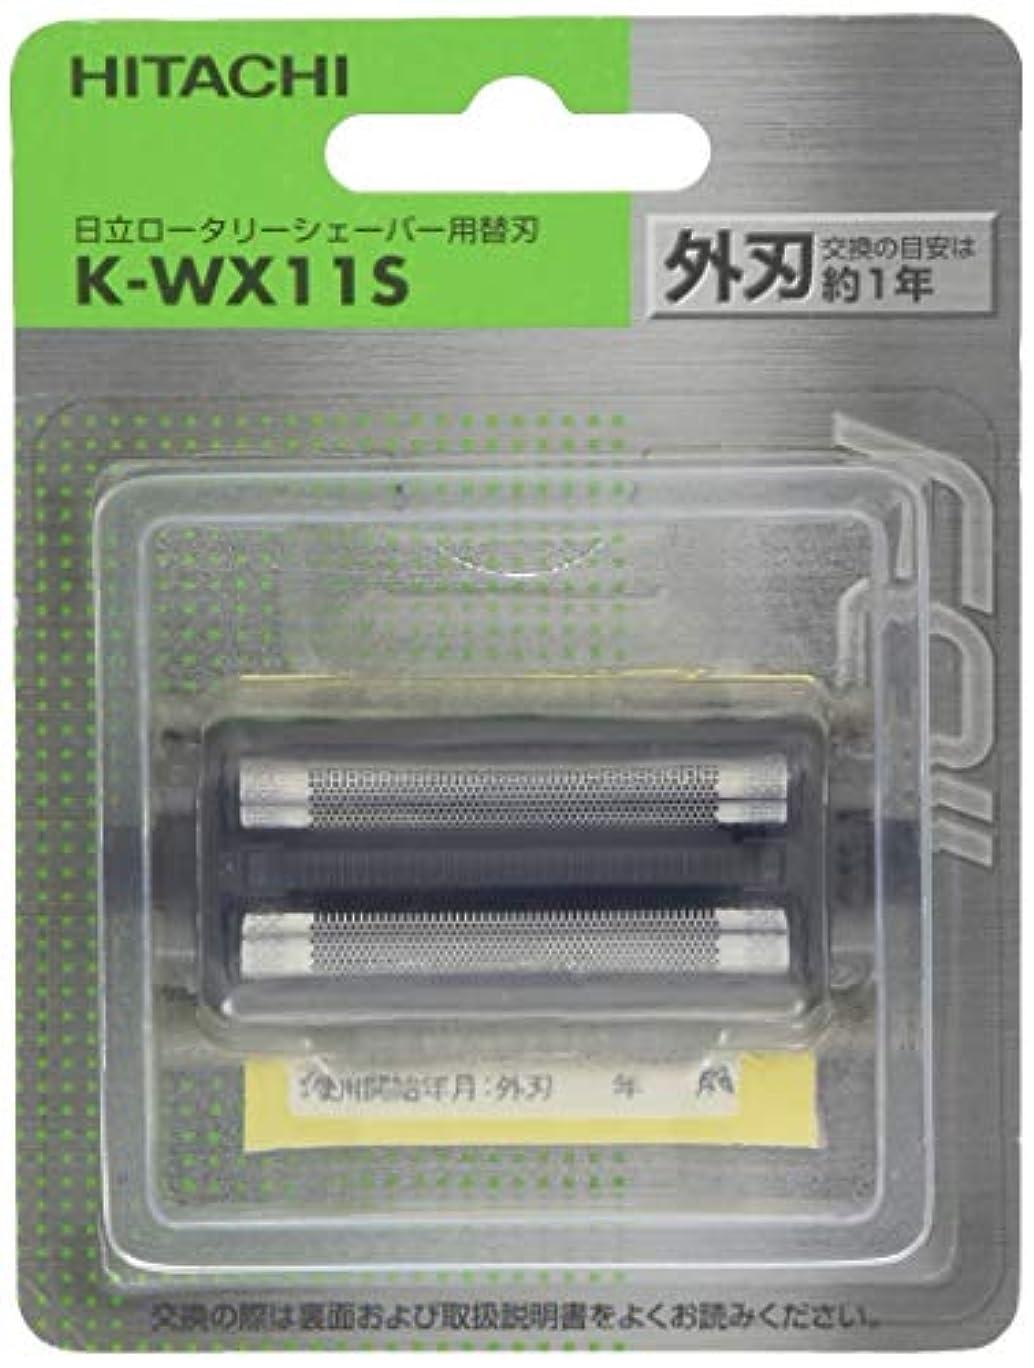 フィードオンちょっと待ってアンティーク日立 替刃 外刃 K-WX11S